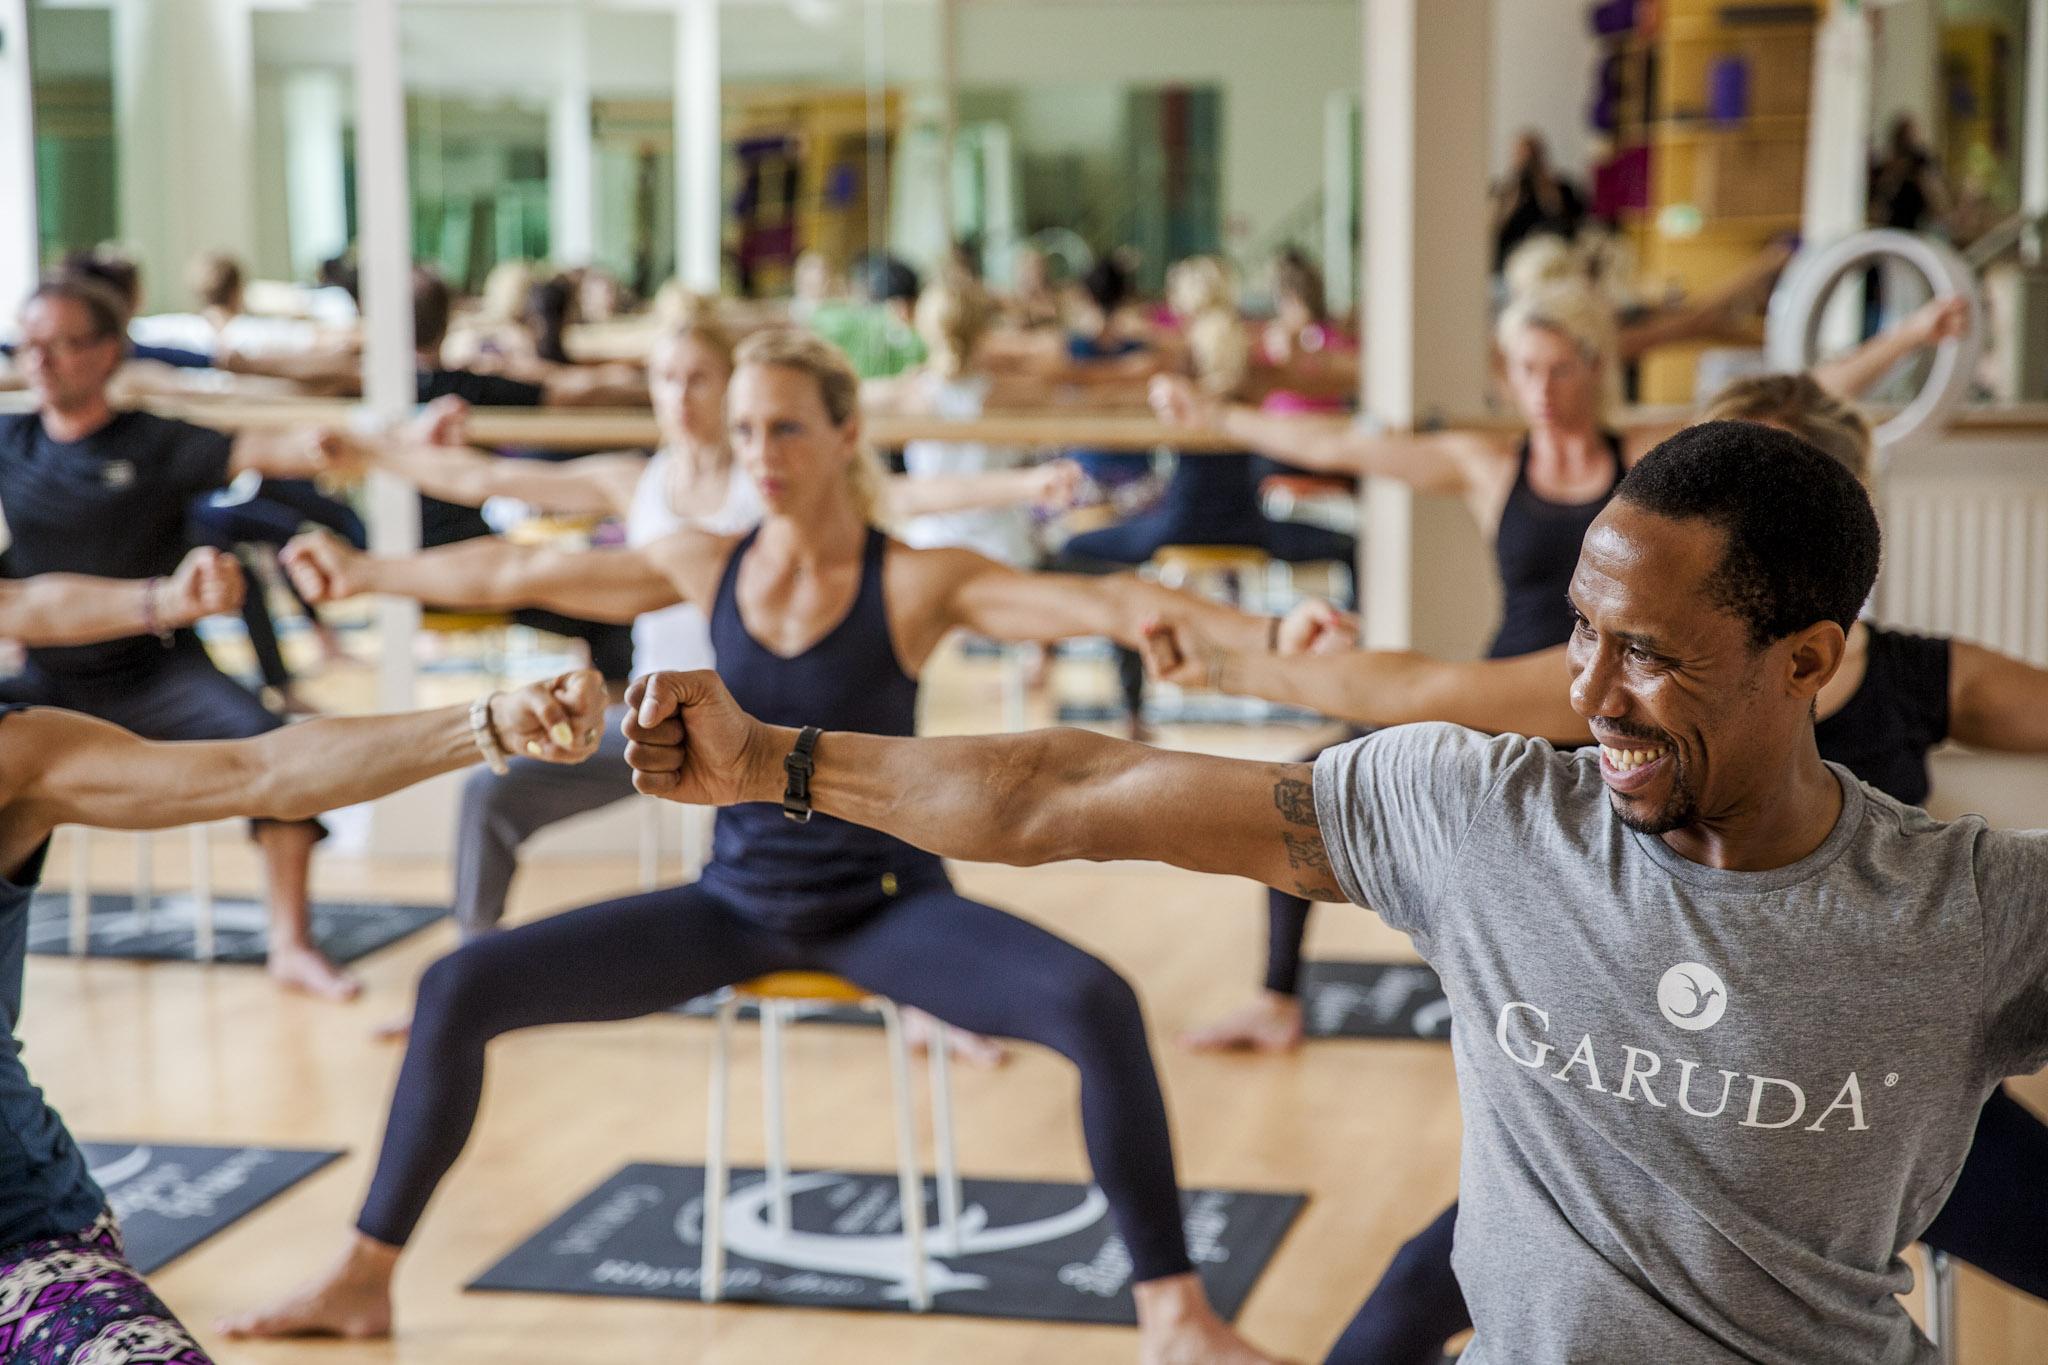 Garuda - Training the Garuda Way